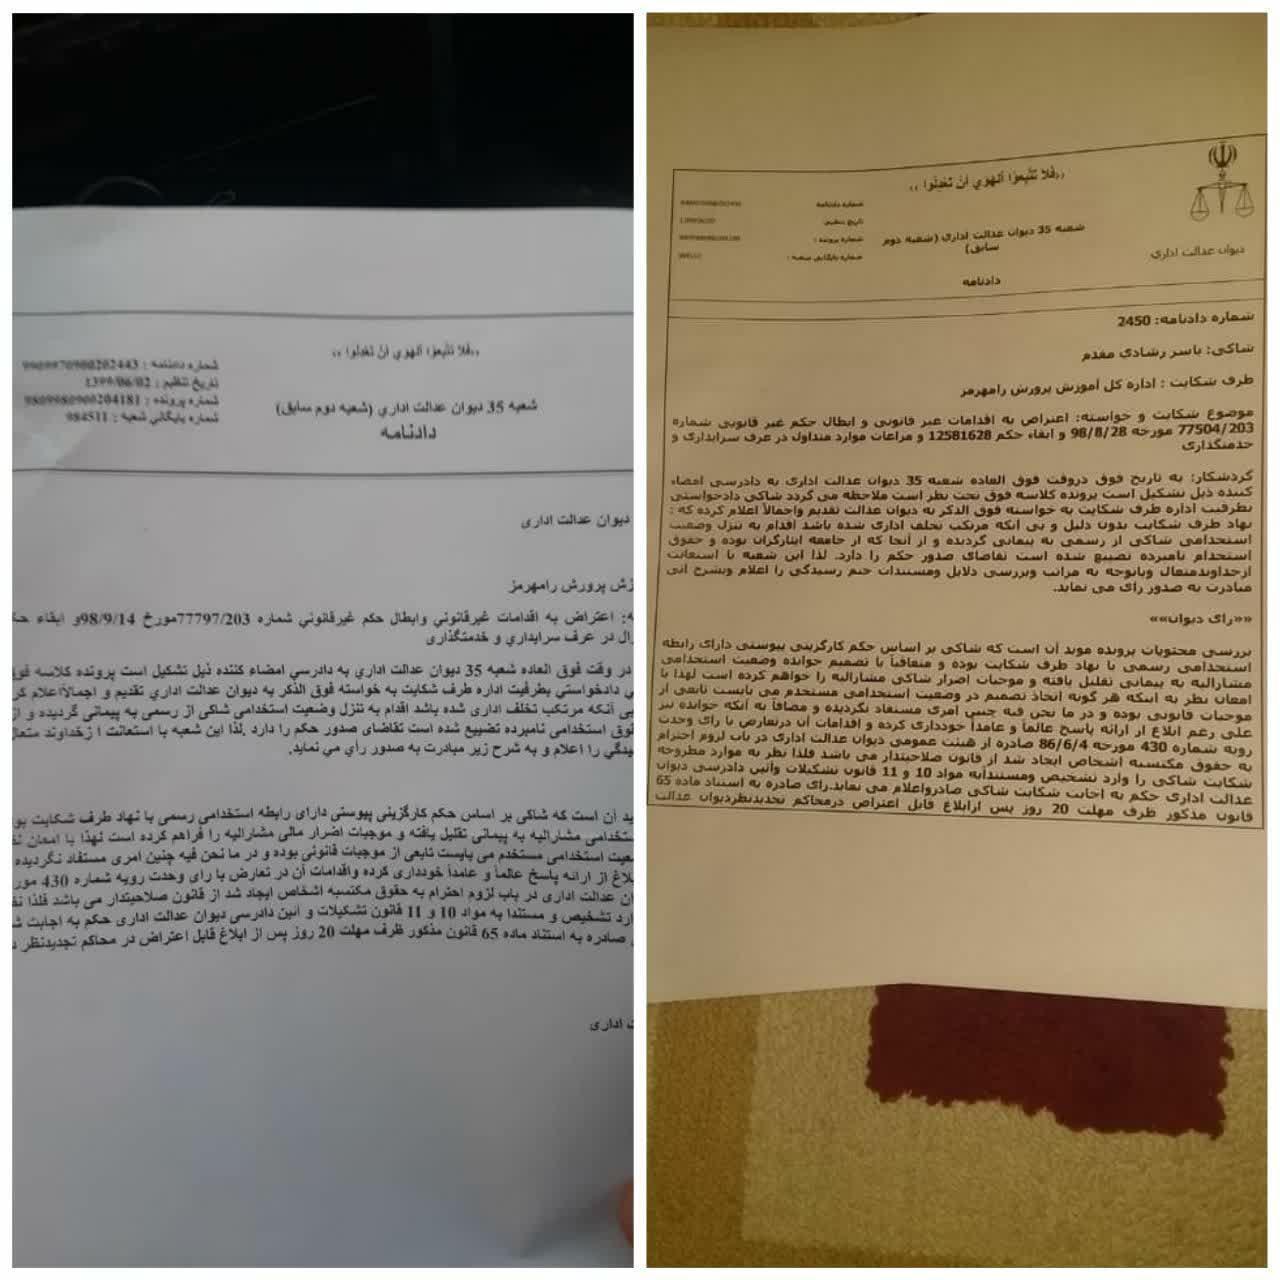 دیوان عدالت اداری حکم غیرقانونی آموزش و پرورش رامهرمز را ابطال کرد